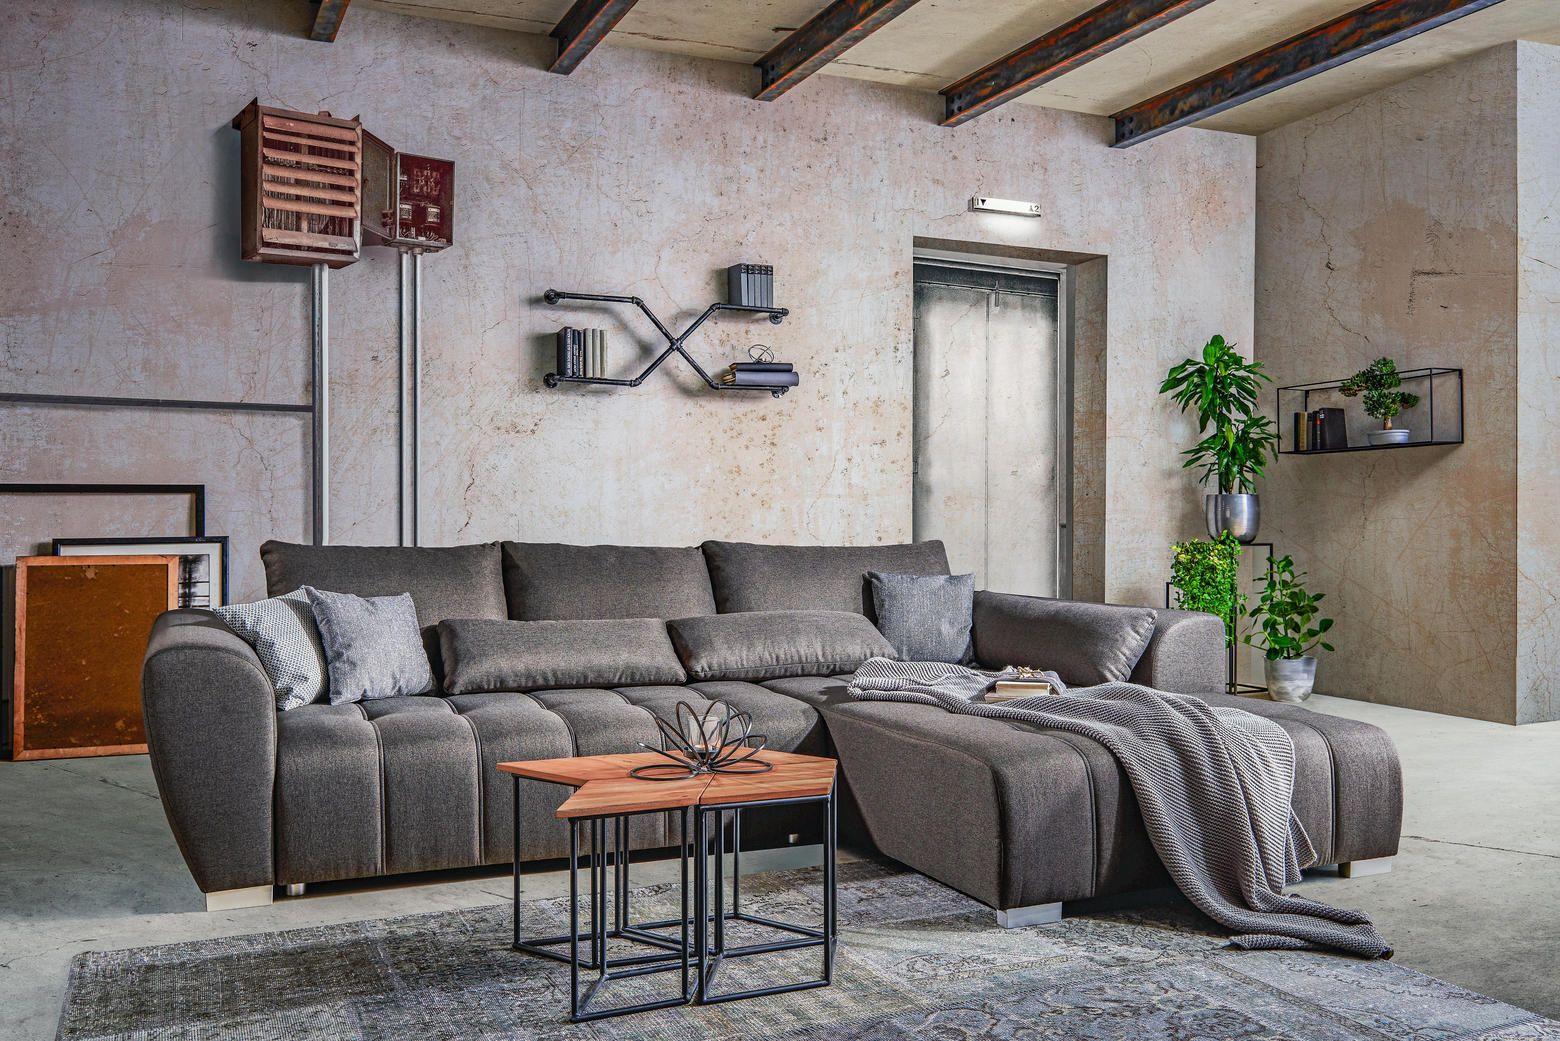 Wohnlandschaft Mit Schlaffunktion In Grau Kaufen Wohnen Wohnzimmer Ideen Haus Deko